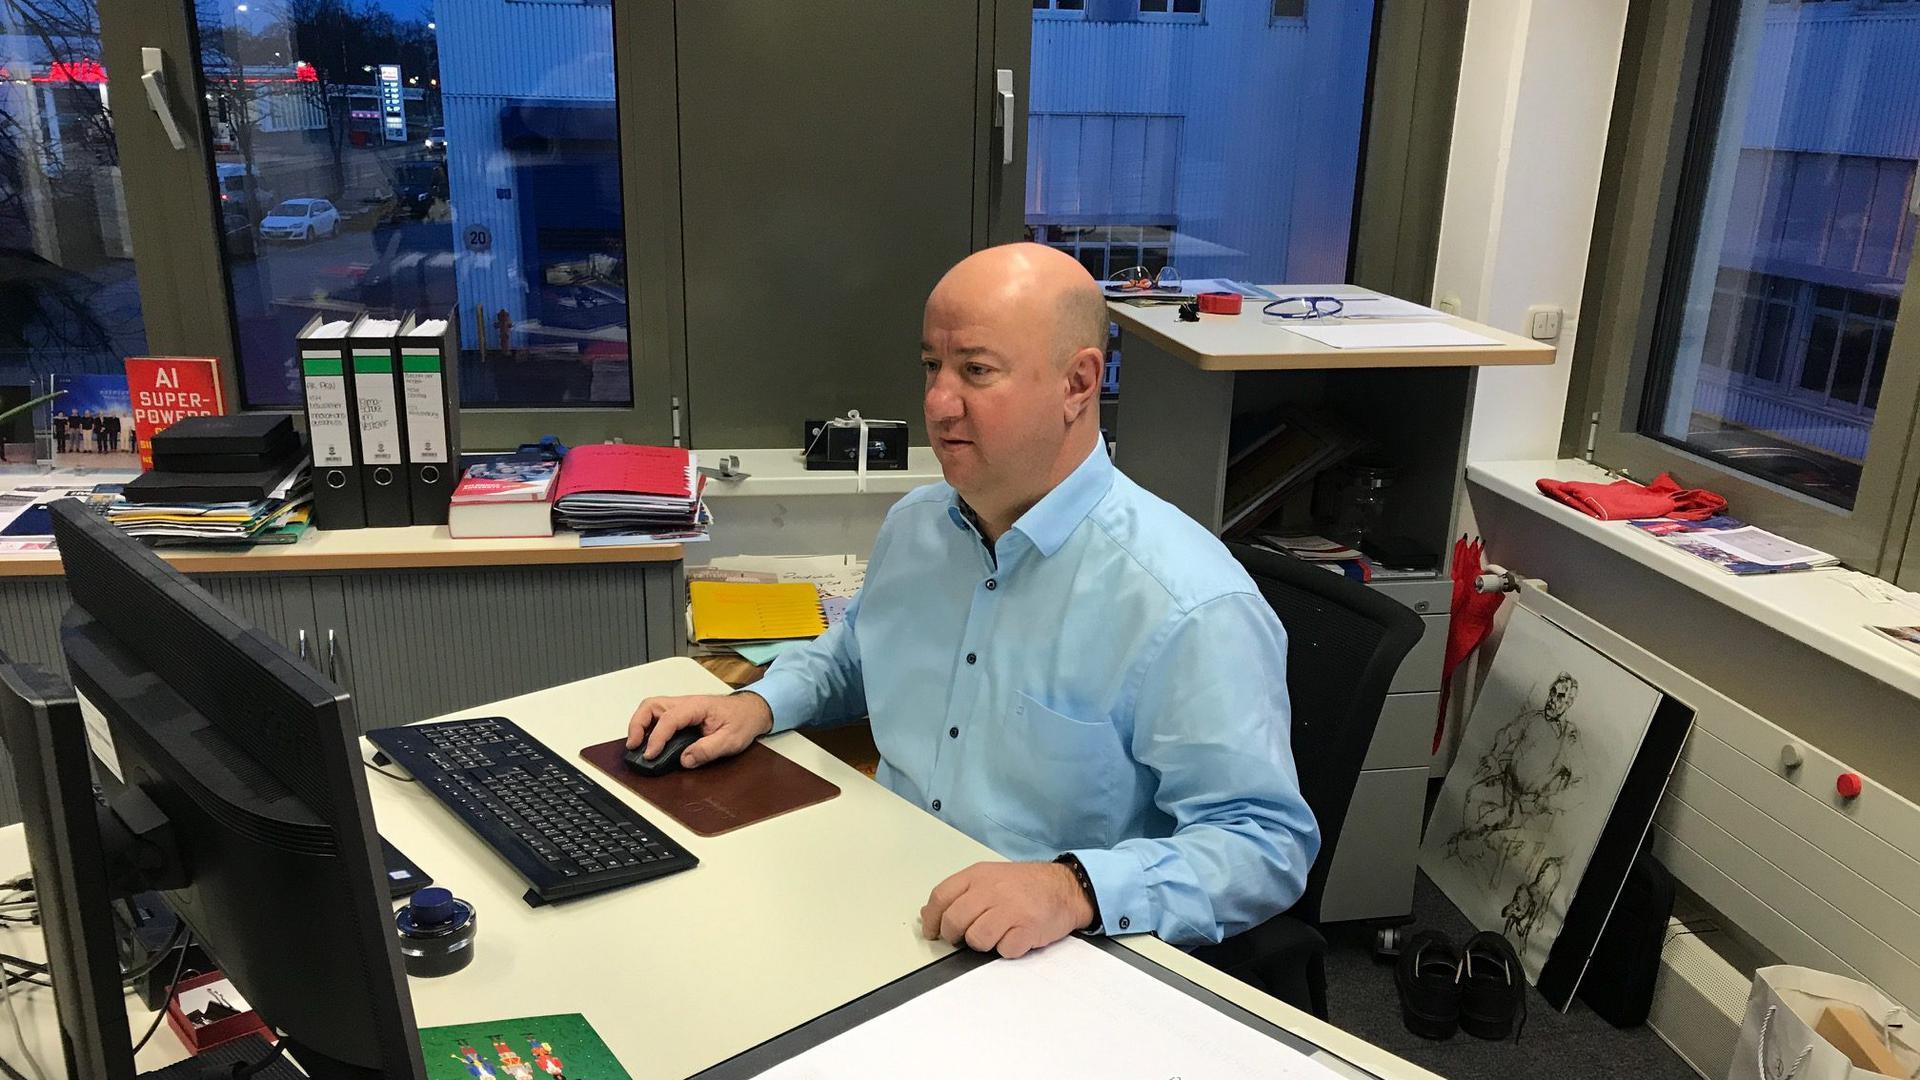 Betriebsrat Michael Brecht am Schreibtisch in Gaggenau